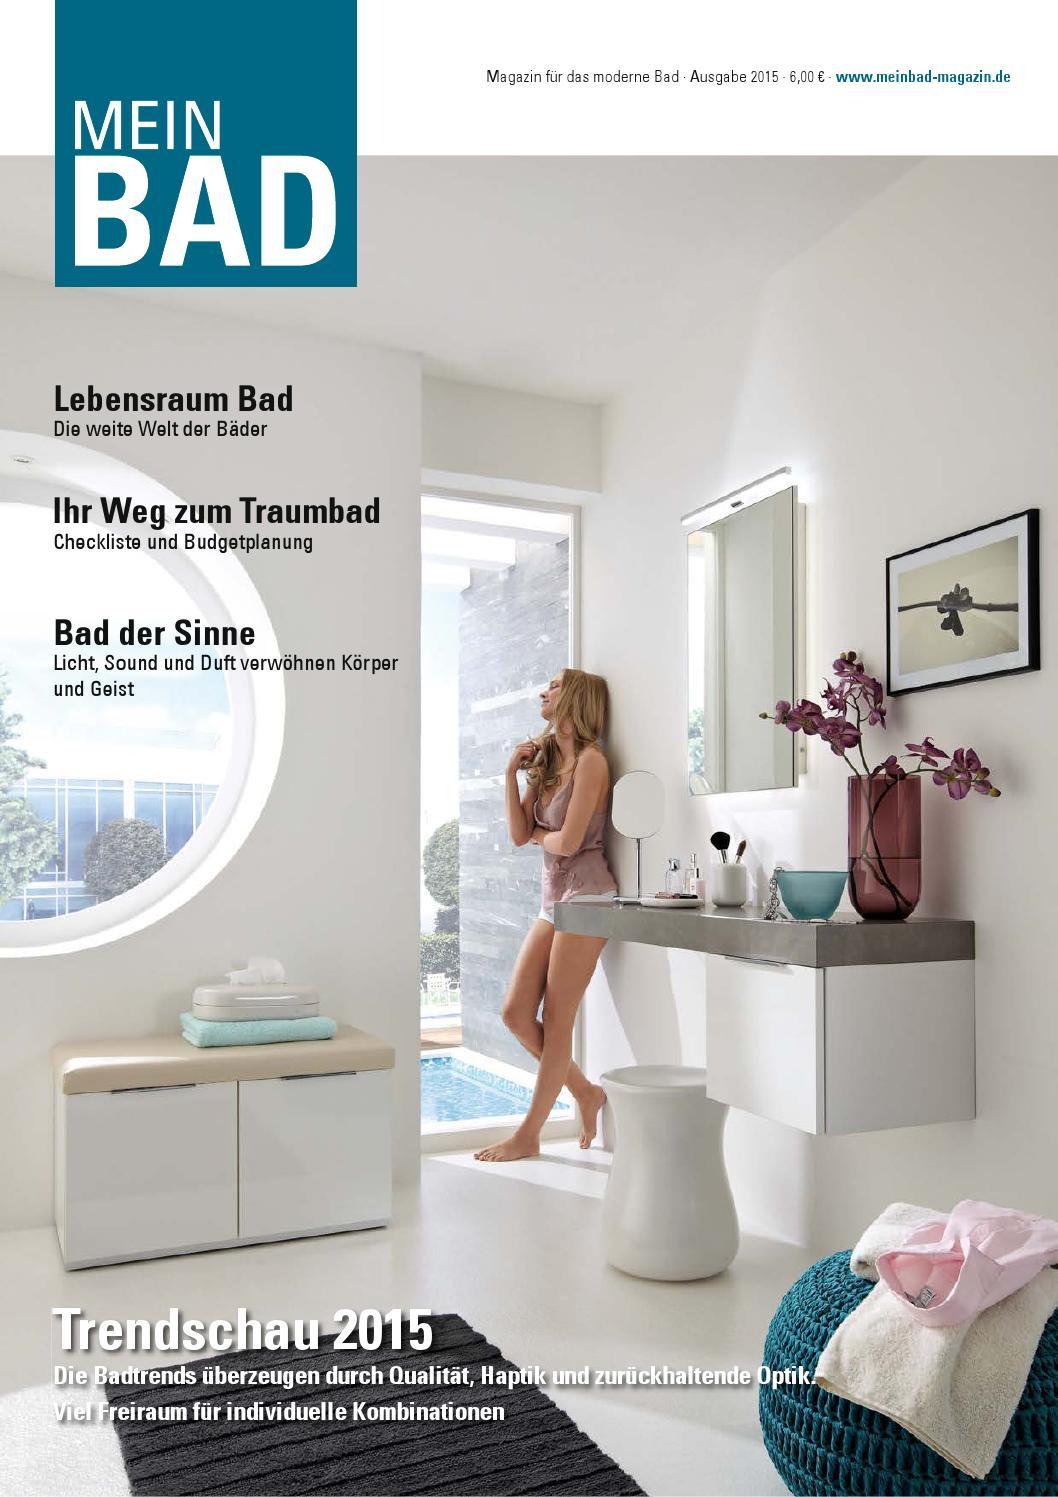 Meinbad By Meinbad - Issuu Exklusive Badkeramik Und Badarmaturen Mit Hochstem Designanspruch